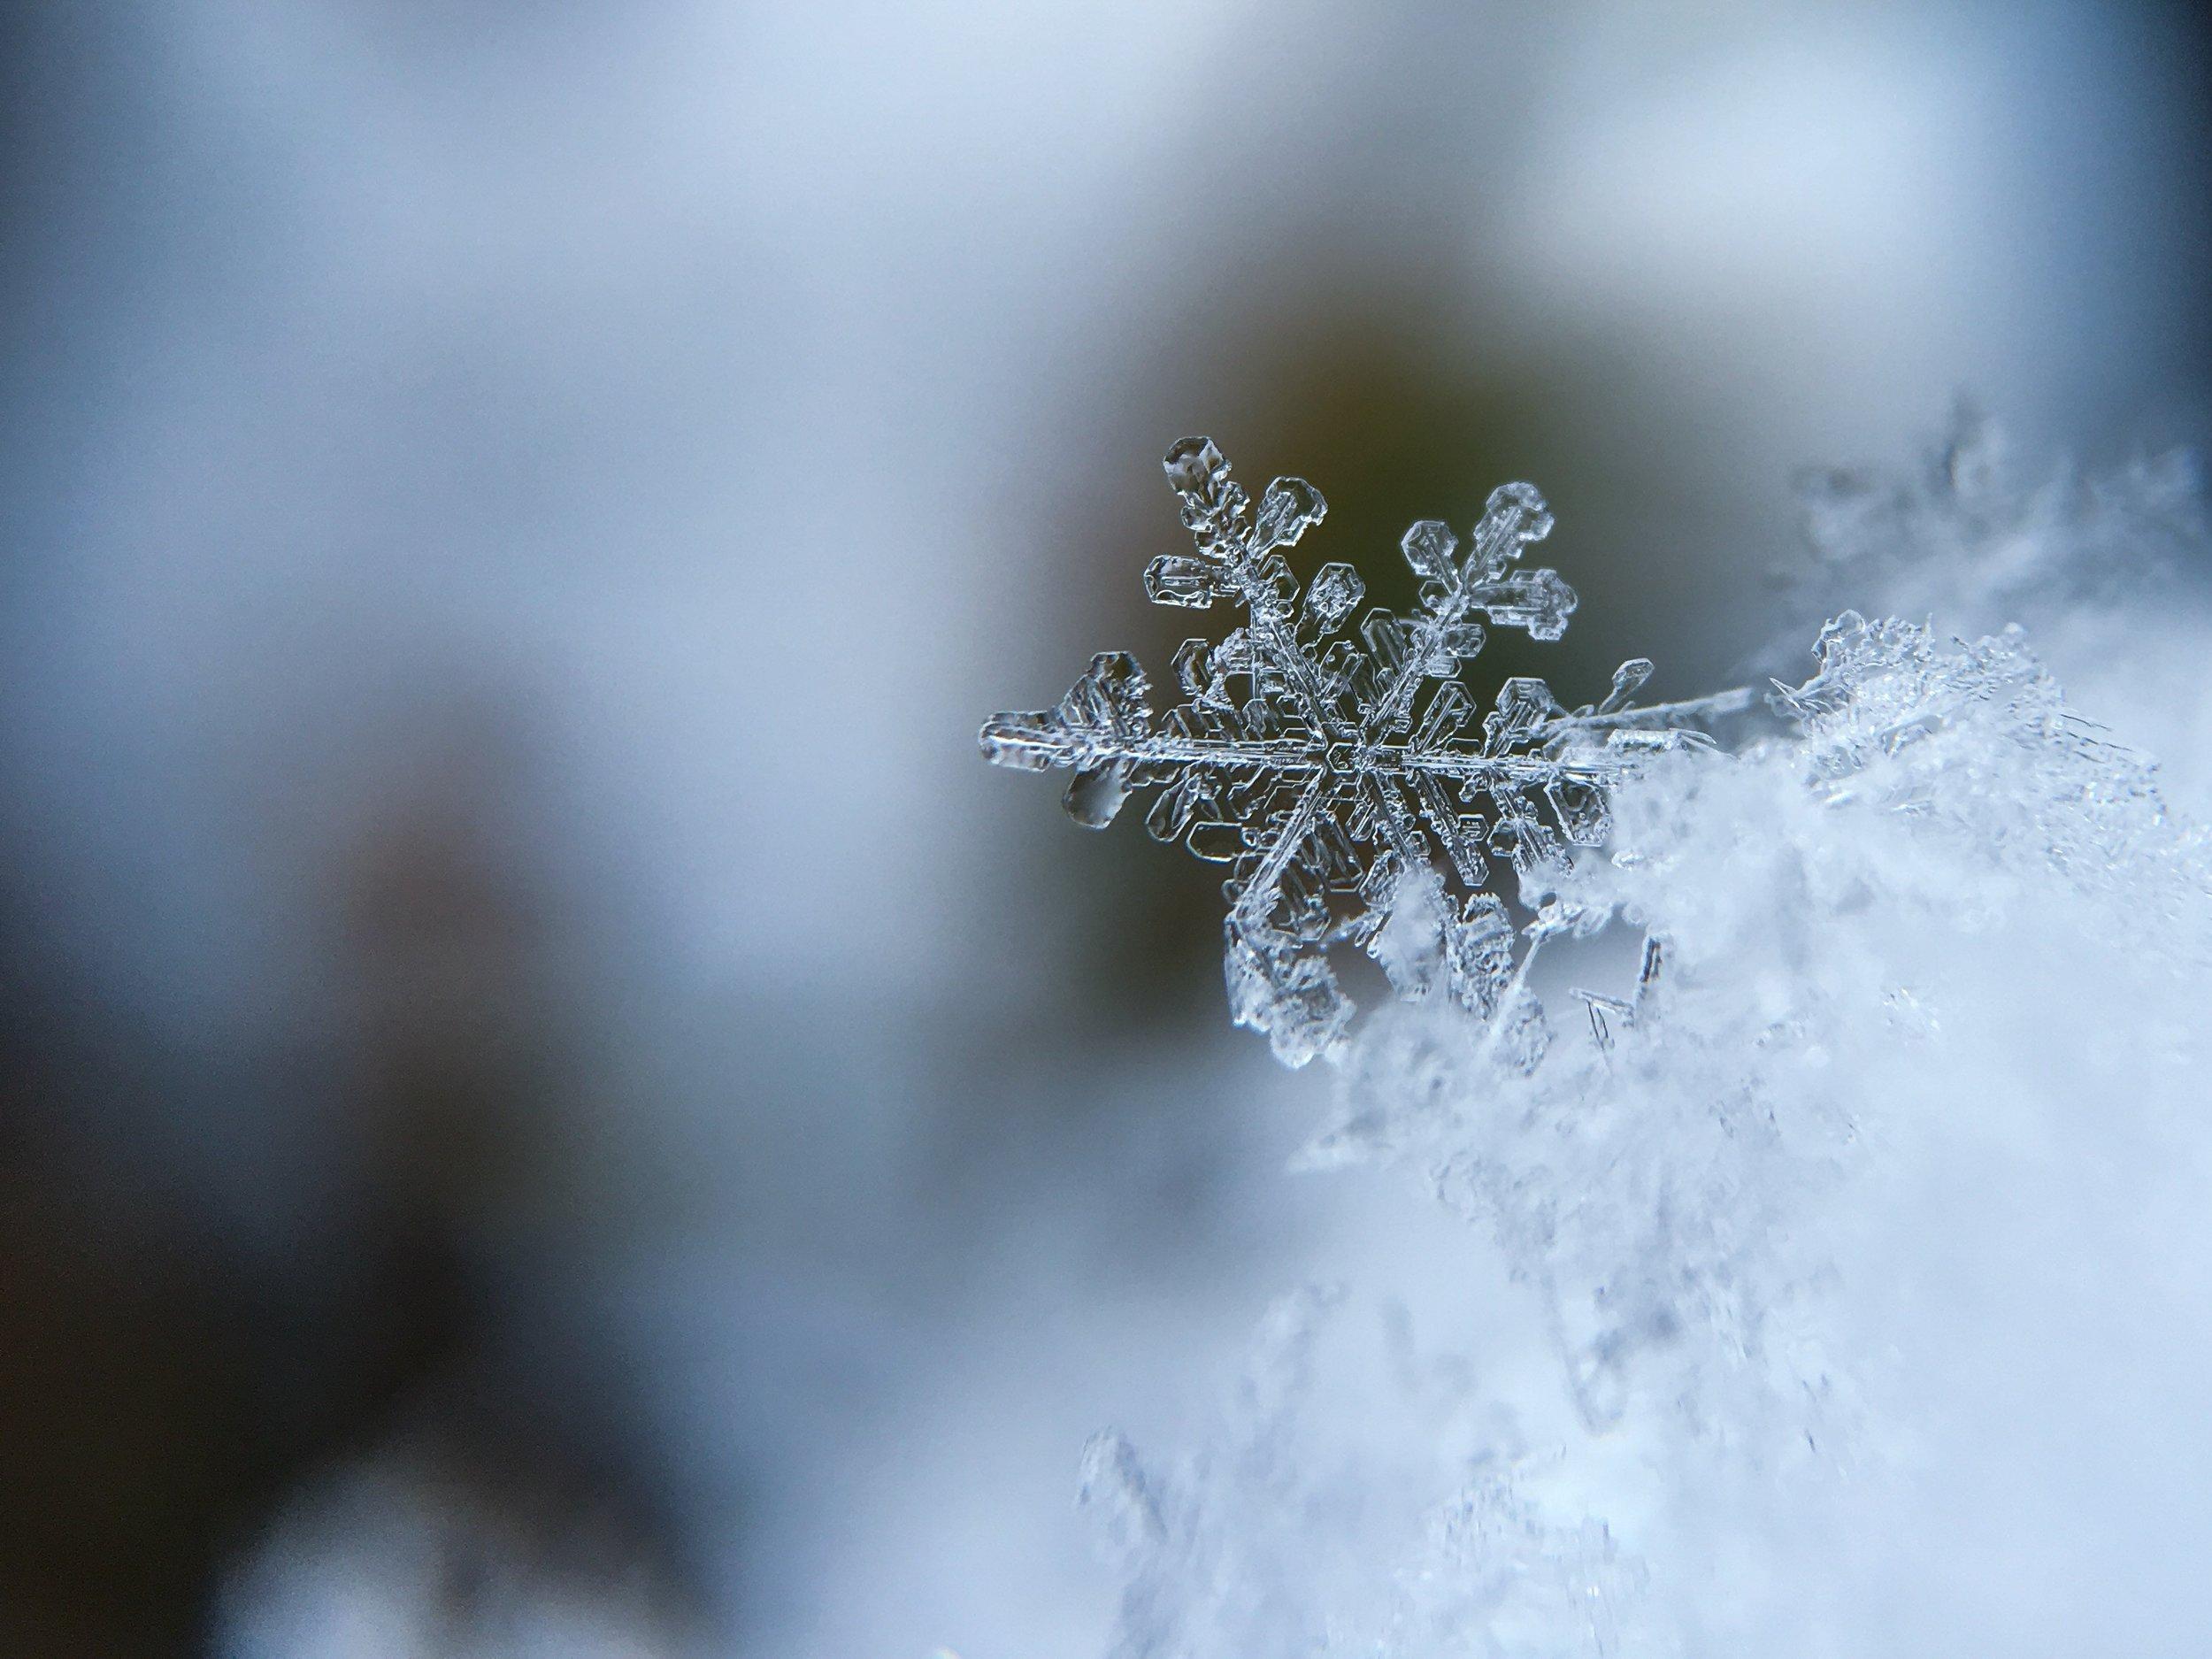 snowflake-aaron-burden-71492.jpg